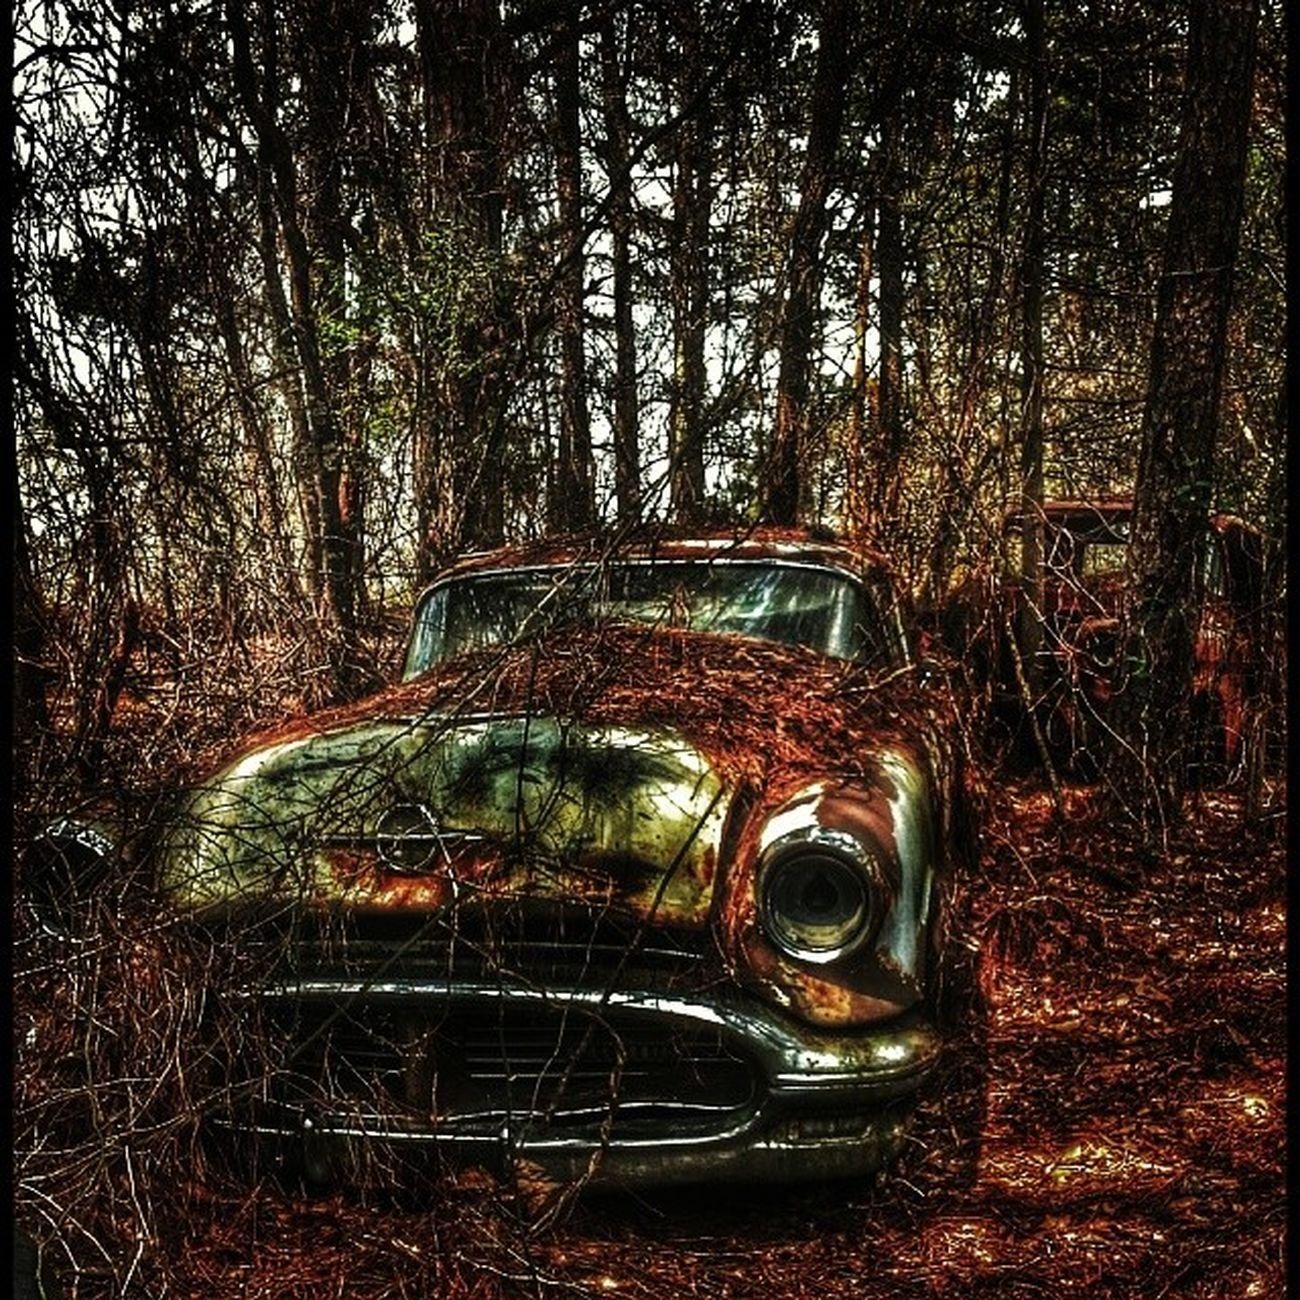 The family car! Oca_rural_ladies Rustlord Rsa_preciousjunk Rsa_preciousjunk rsa_abandoned royalsnappingartists rsa_ladies rsa_ladies rustlord_communitythrive